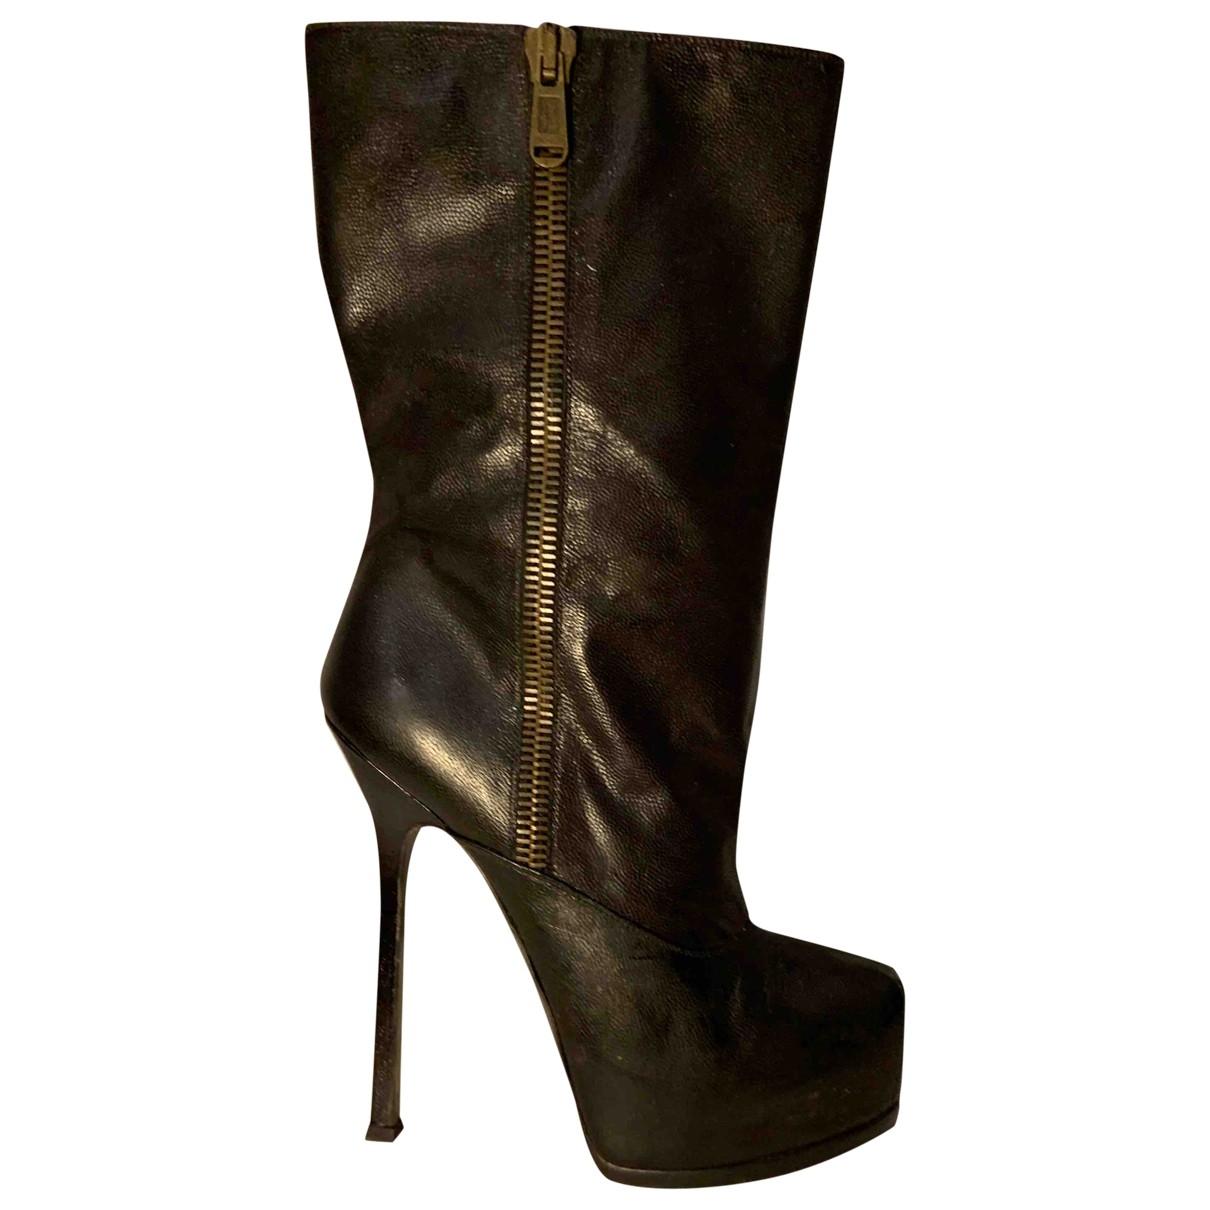 Yves Saint Laurent - Bottes   pour femme en cuir - marron